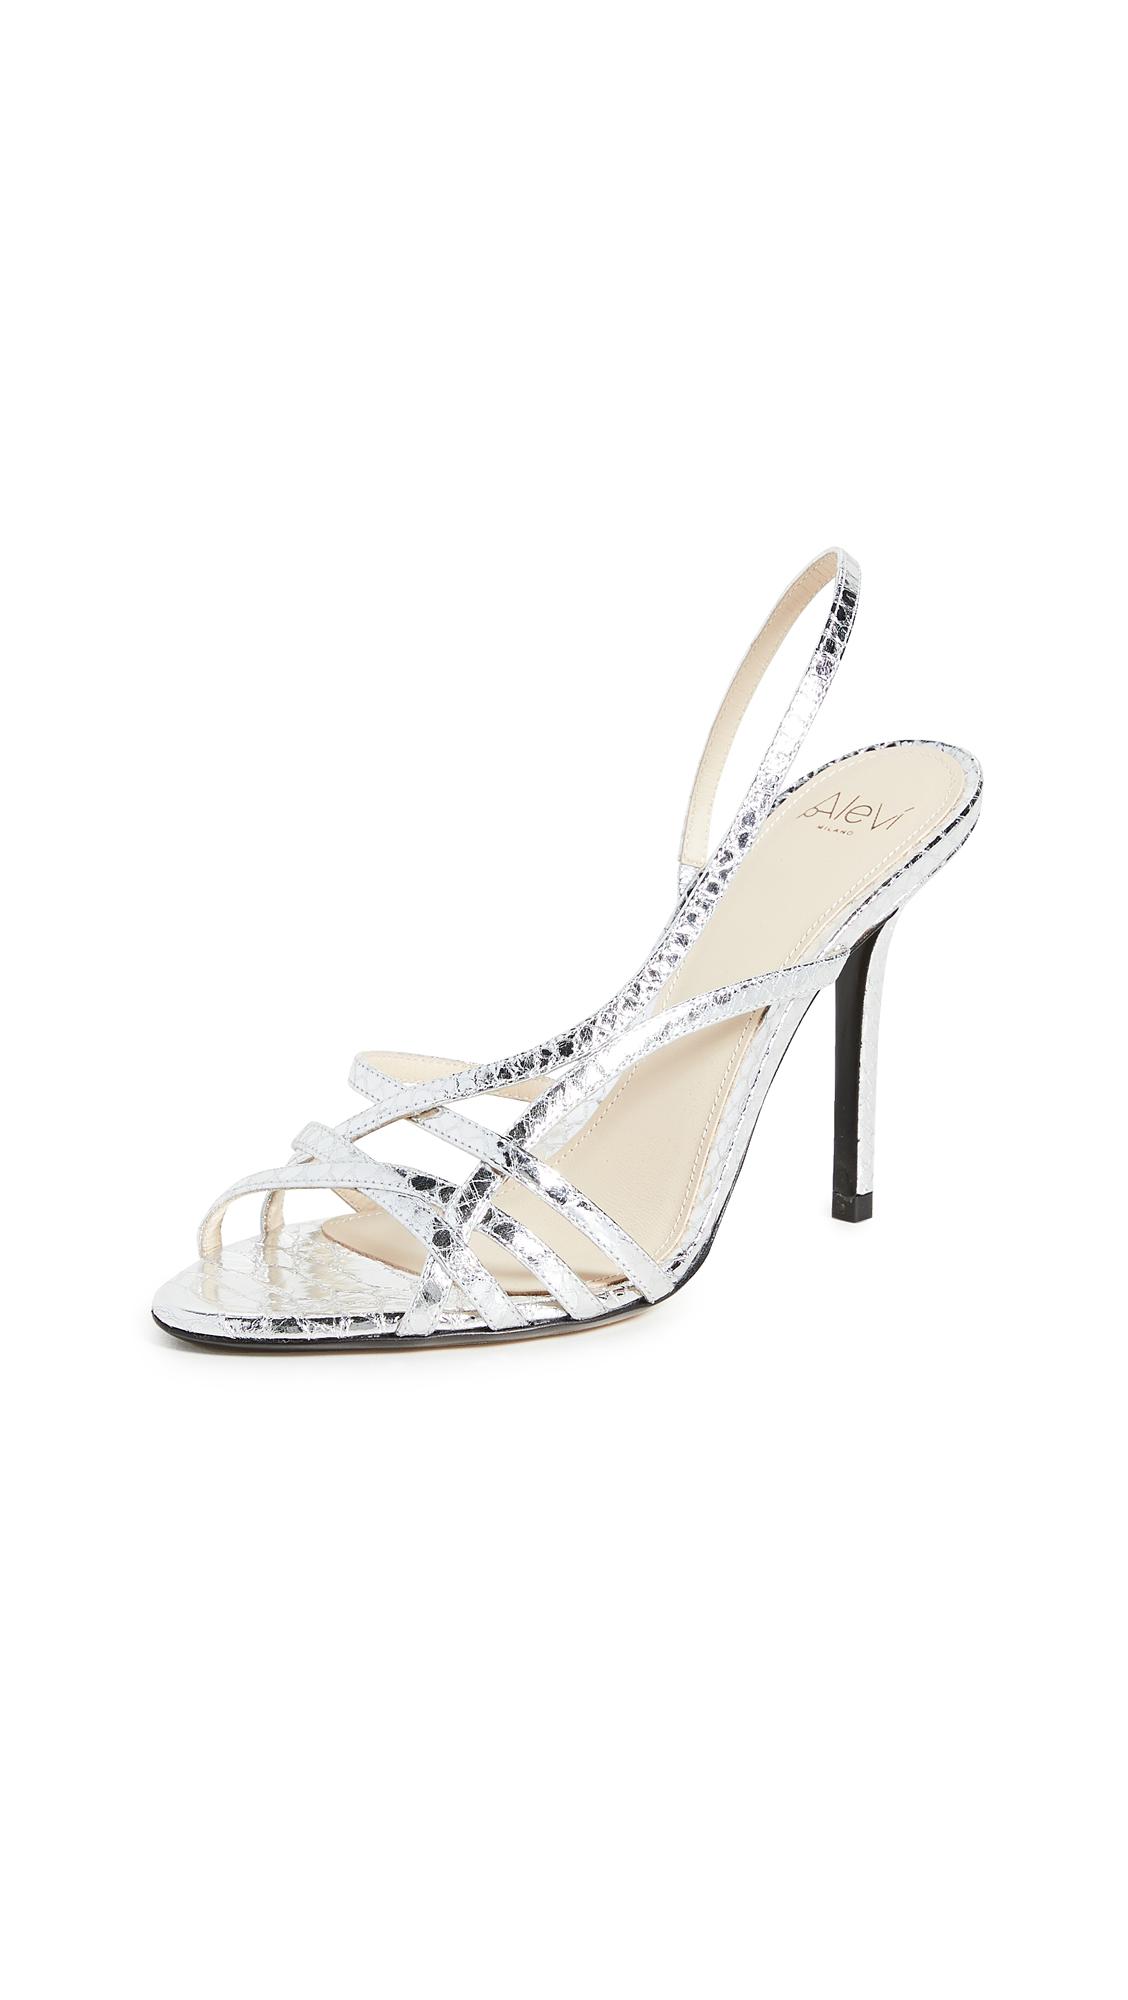 Buy Alevi Milano Tiffany Sandals online, shop Alevi Milano